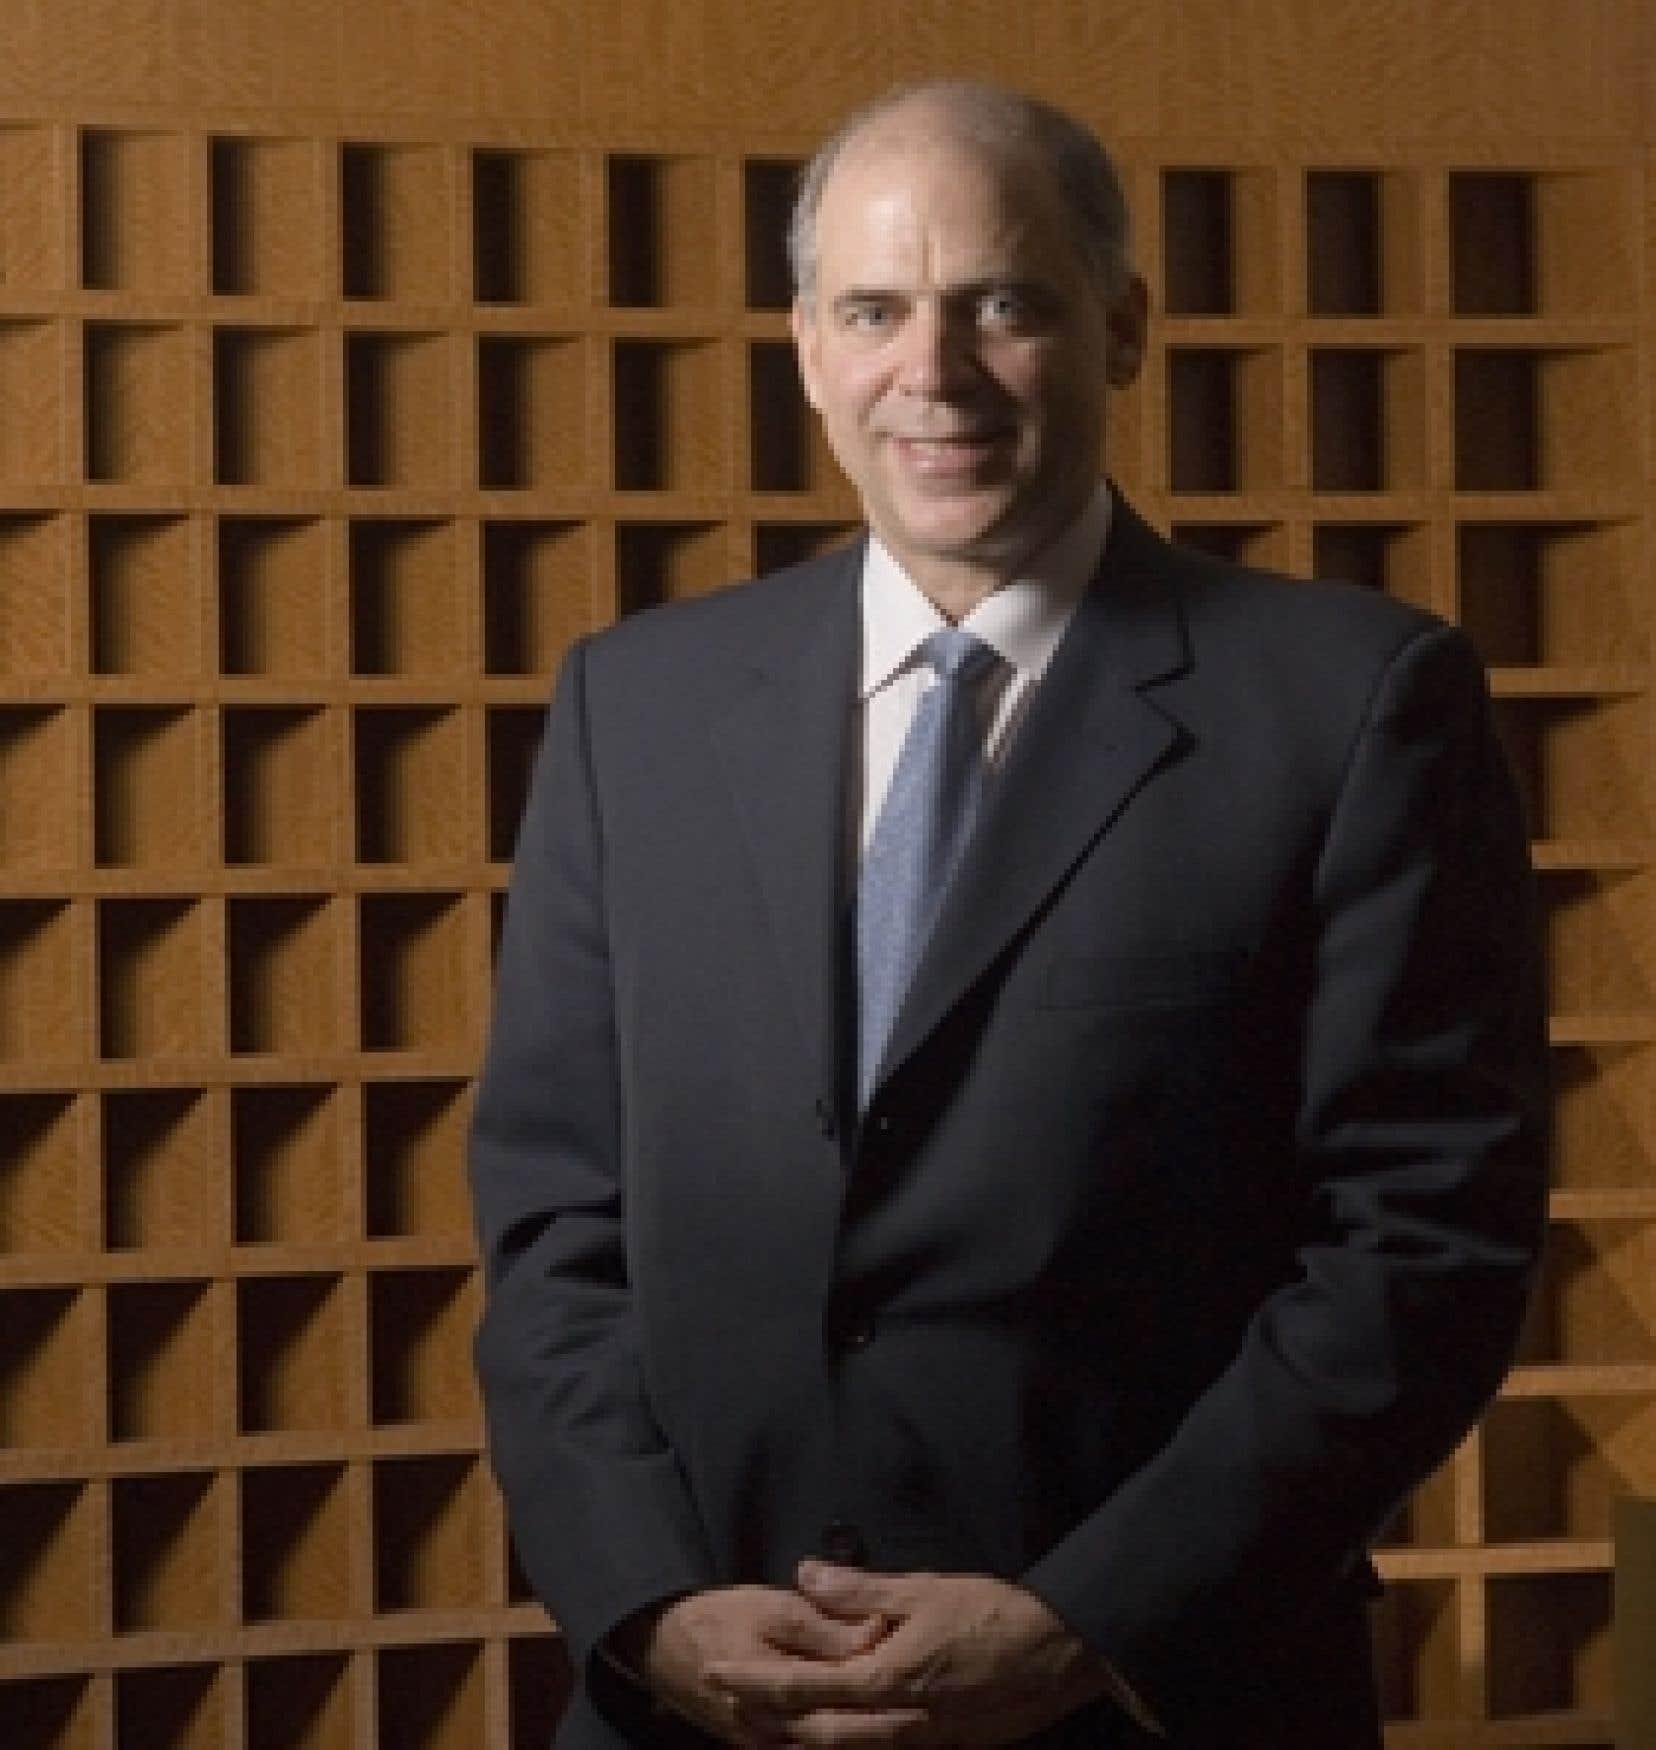 Pierre Fitzgibbon est président et chef de la direction d'Atrium Innovations depuis juillet 2007.